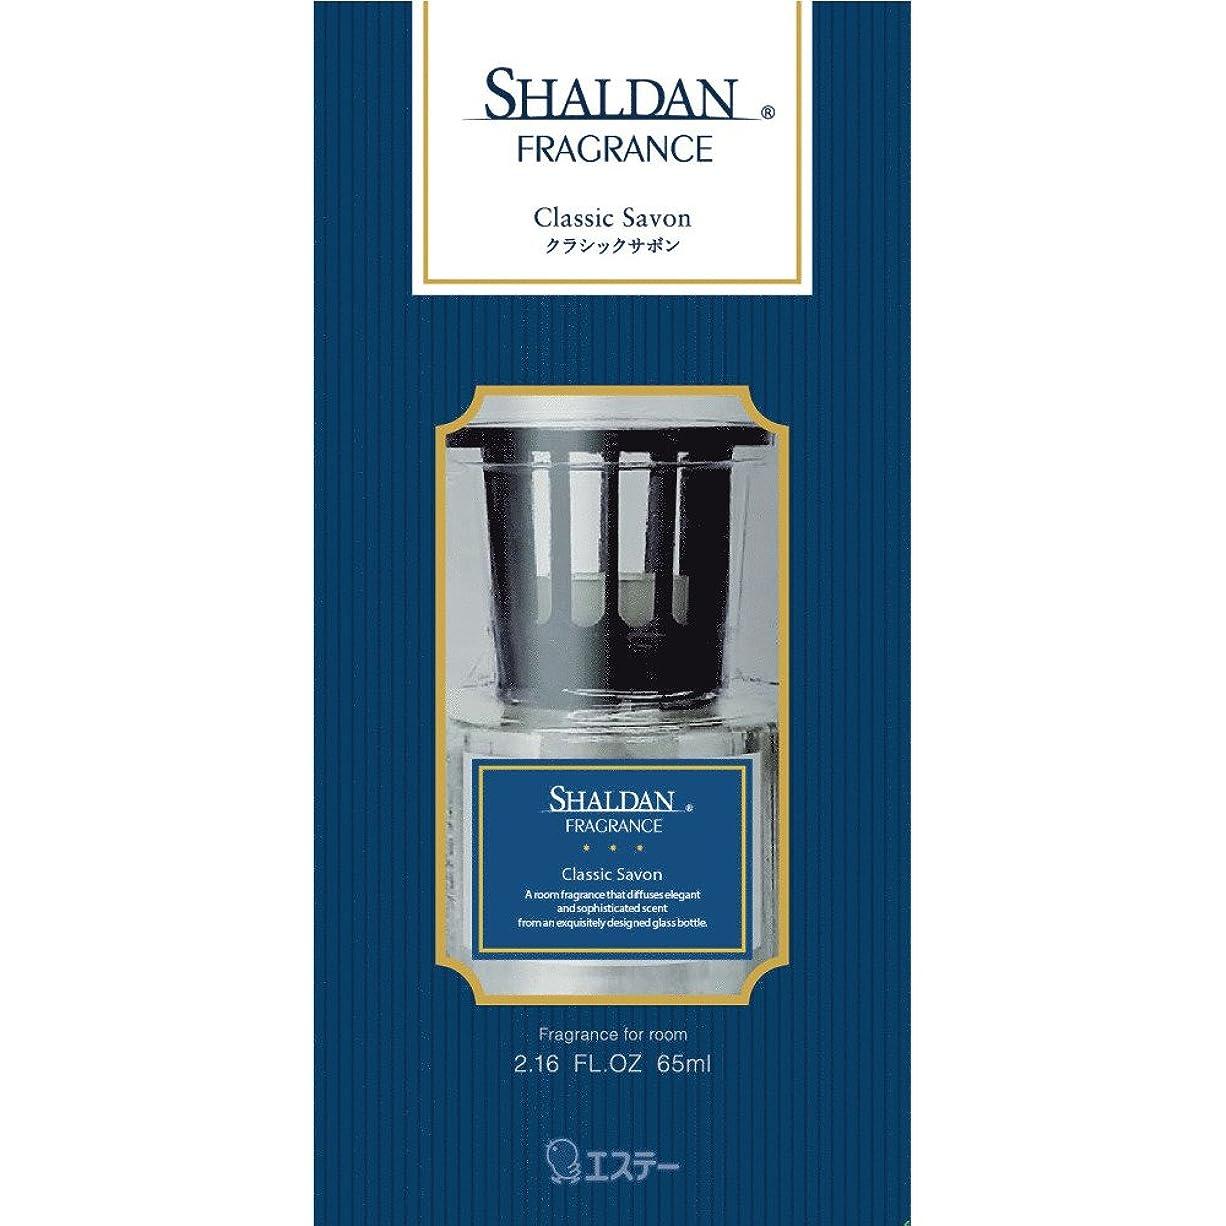 興奮普及世界的にシャルダン SHALDAN フレグランス 消臭芳香剤 部屋用 本体 クラシックサボン 65ml